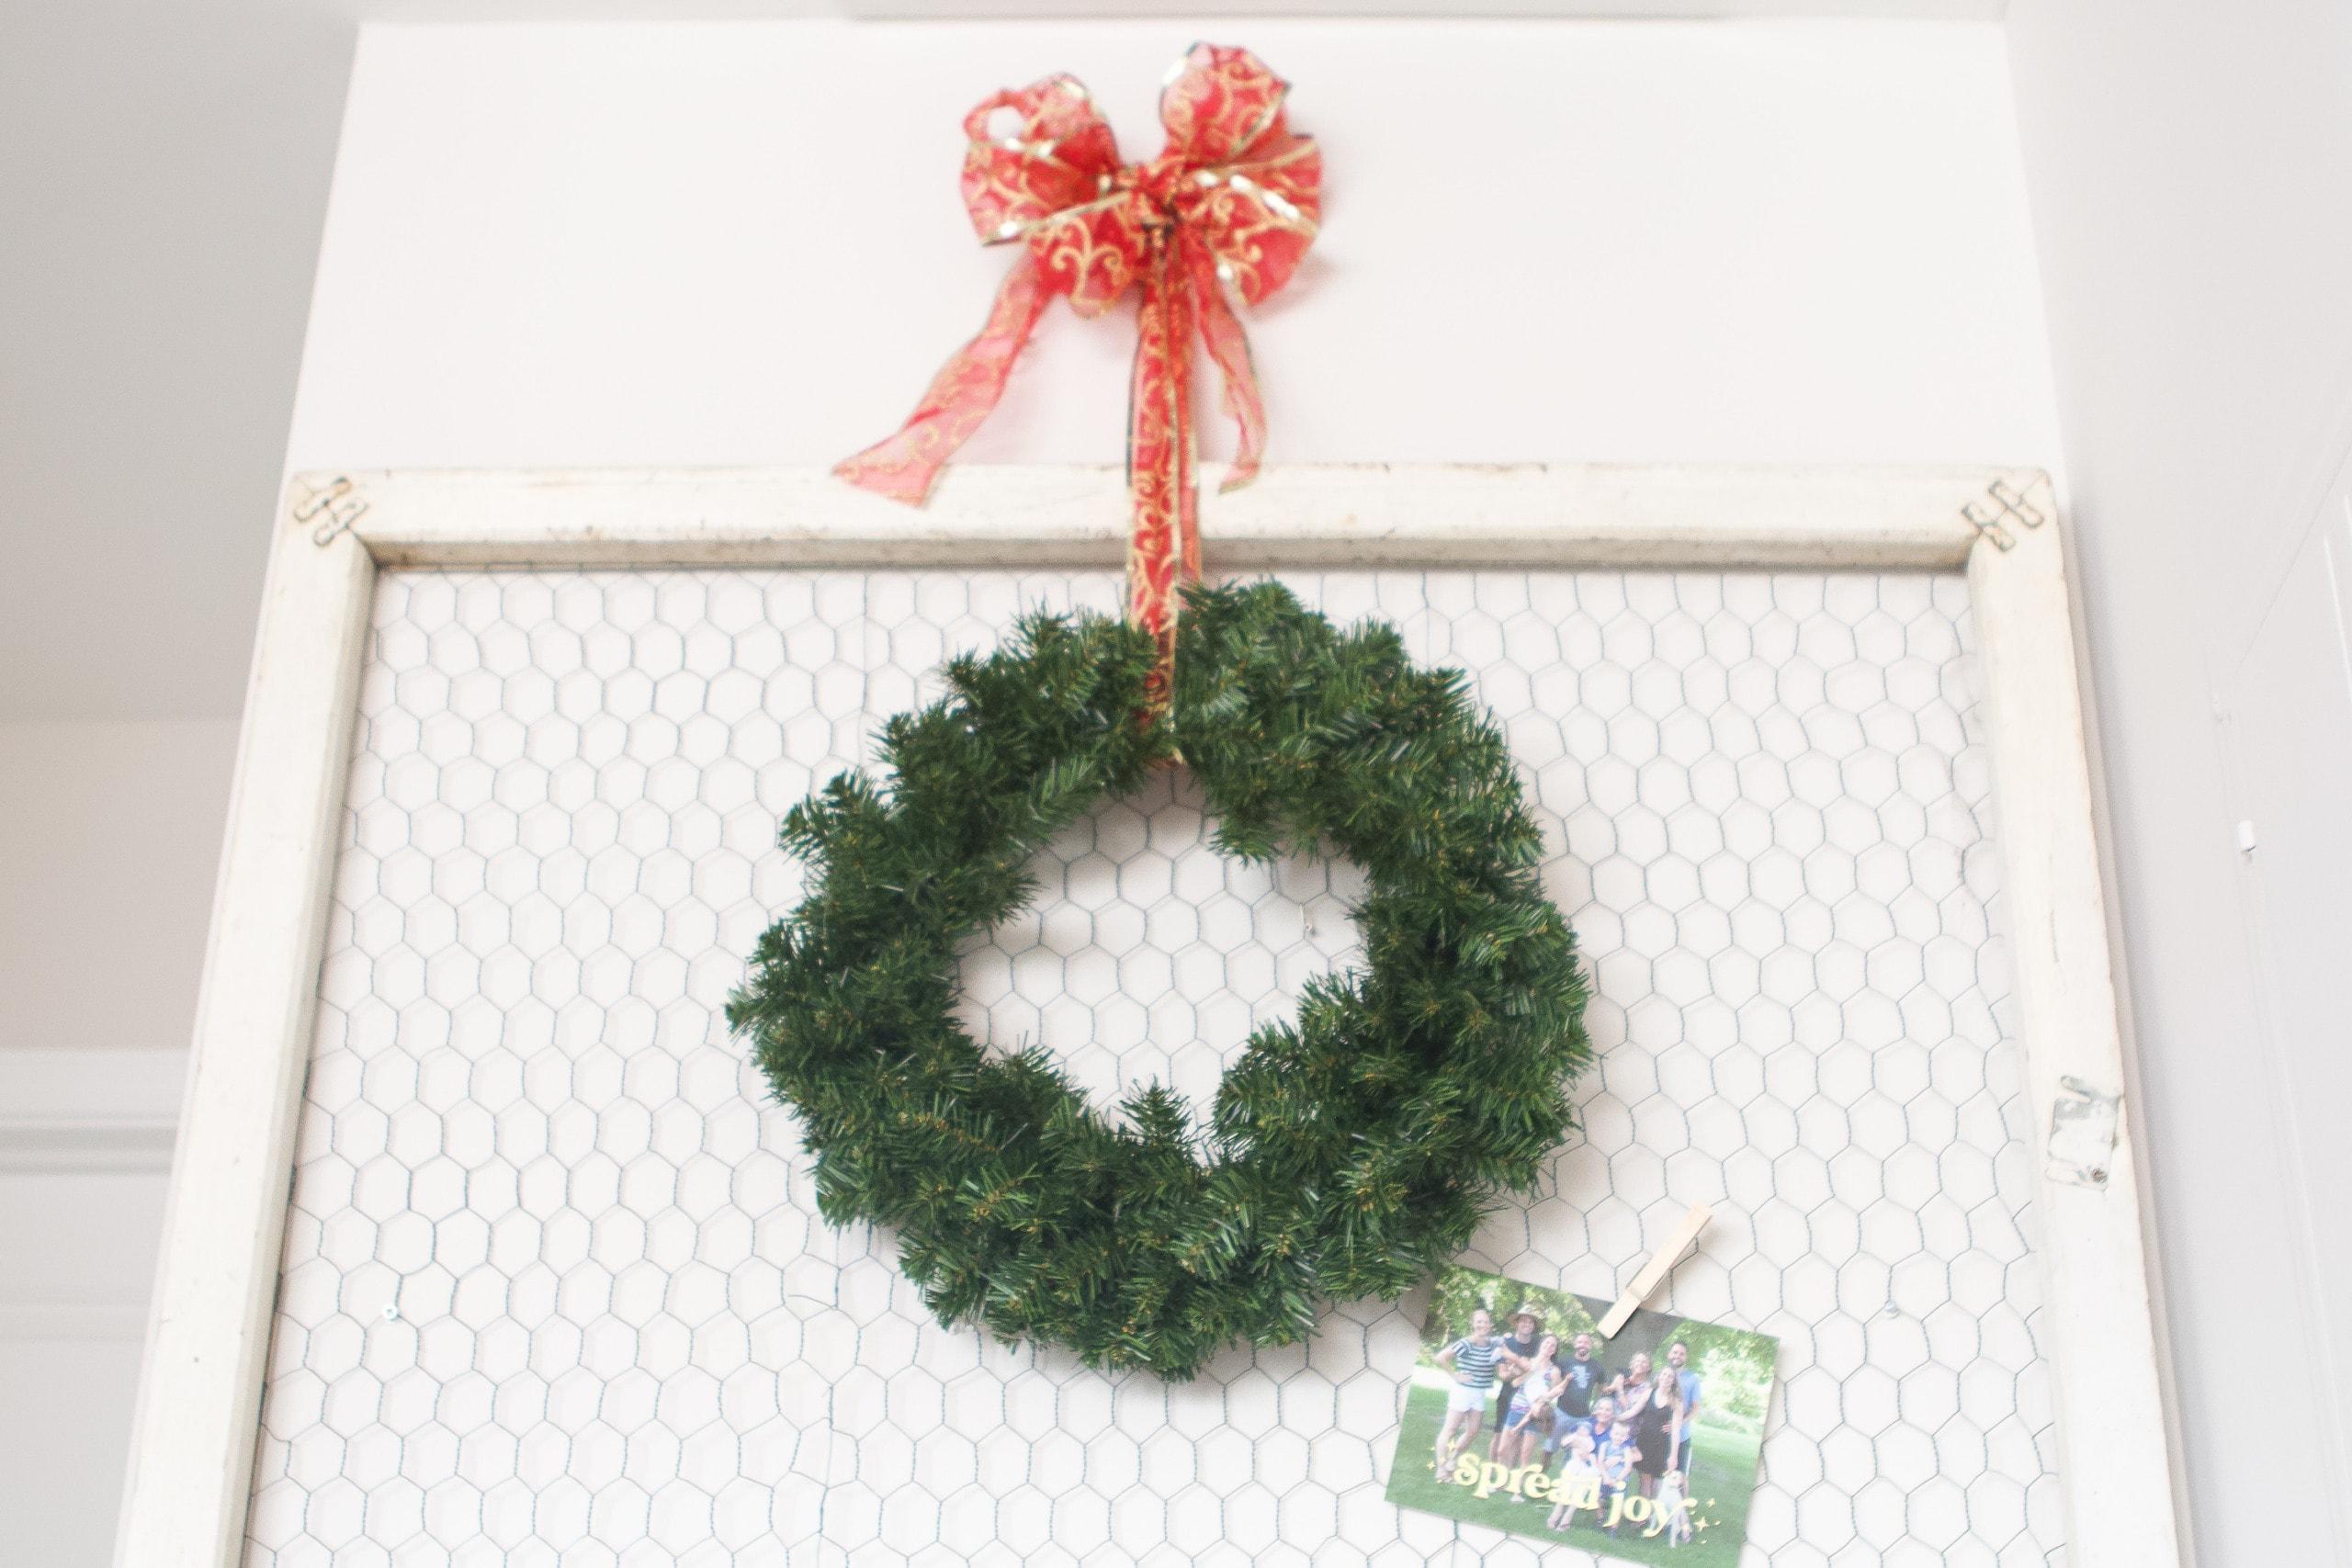 christmas wreath on the frame